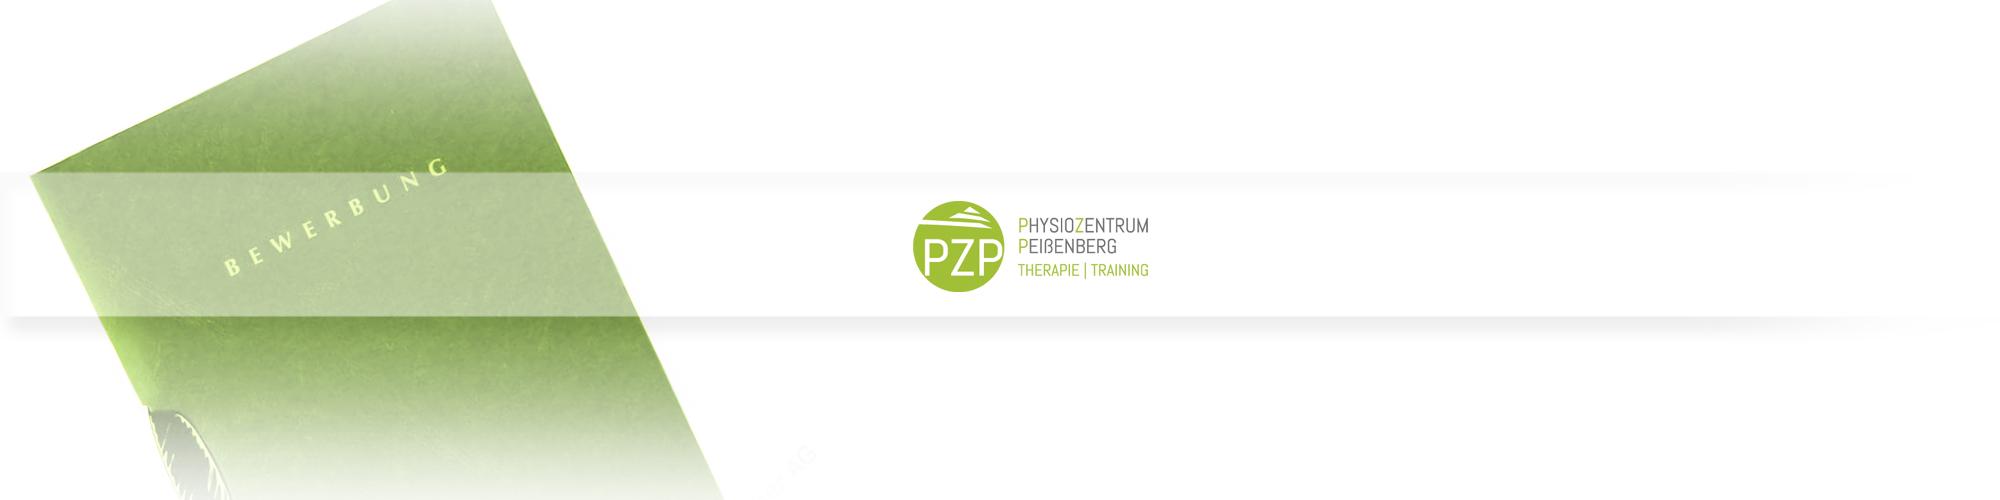 die PZP Bewerbung für Physiotherapeuten